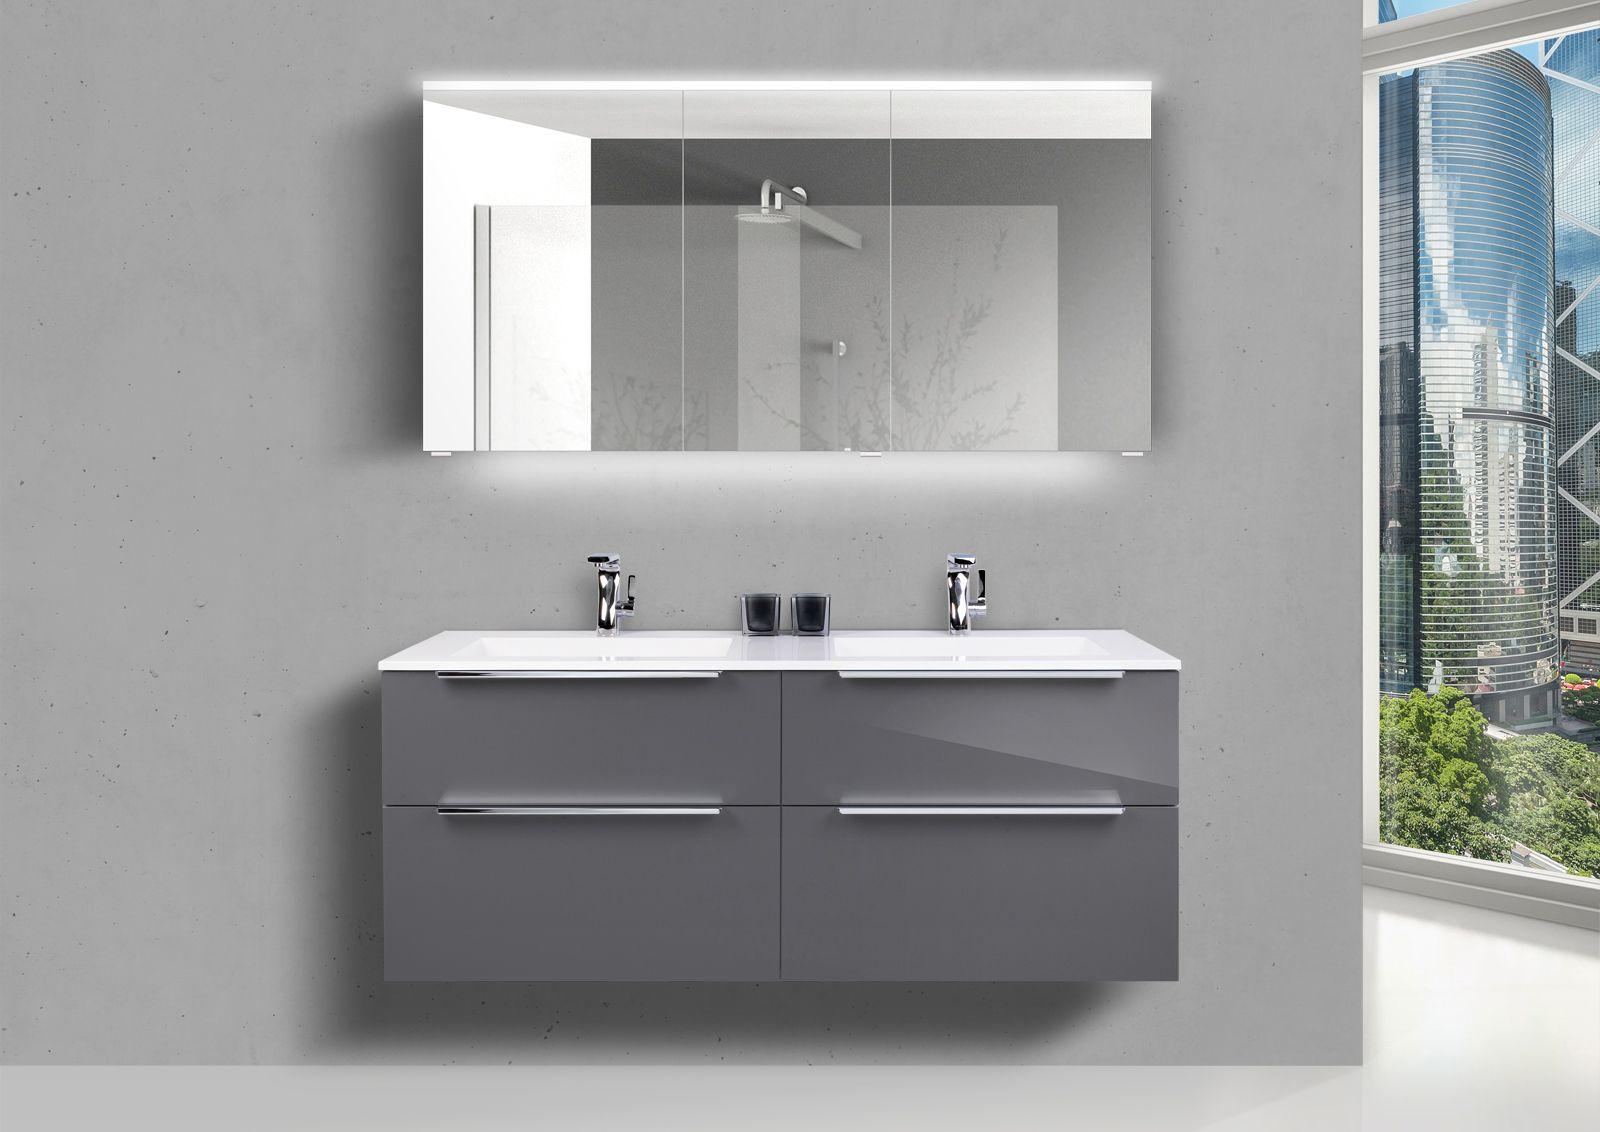 Design Badezimmer Set Mit Doppelwaschbecken Neuheit 2020 In 2020 Doppelwaschtisch Spiegelschrank Spiegelschrank Led